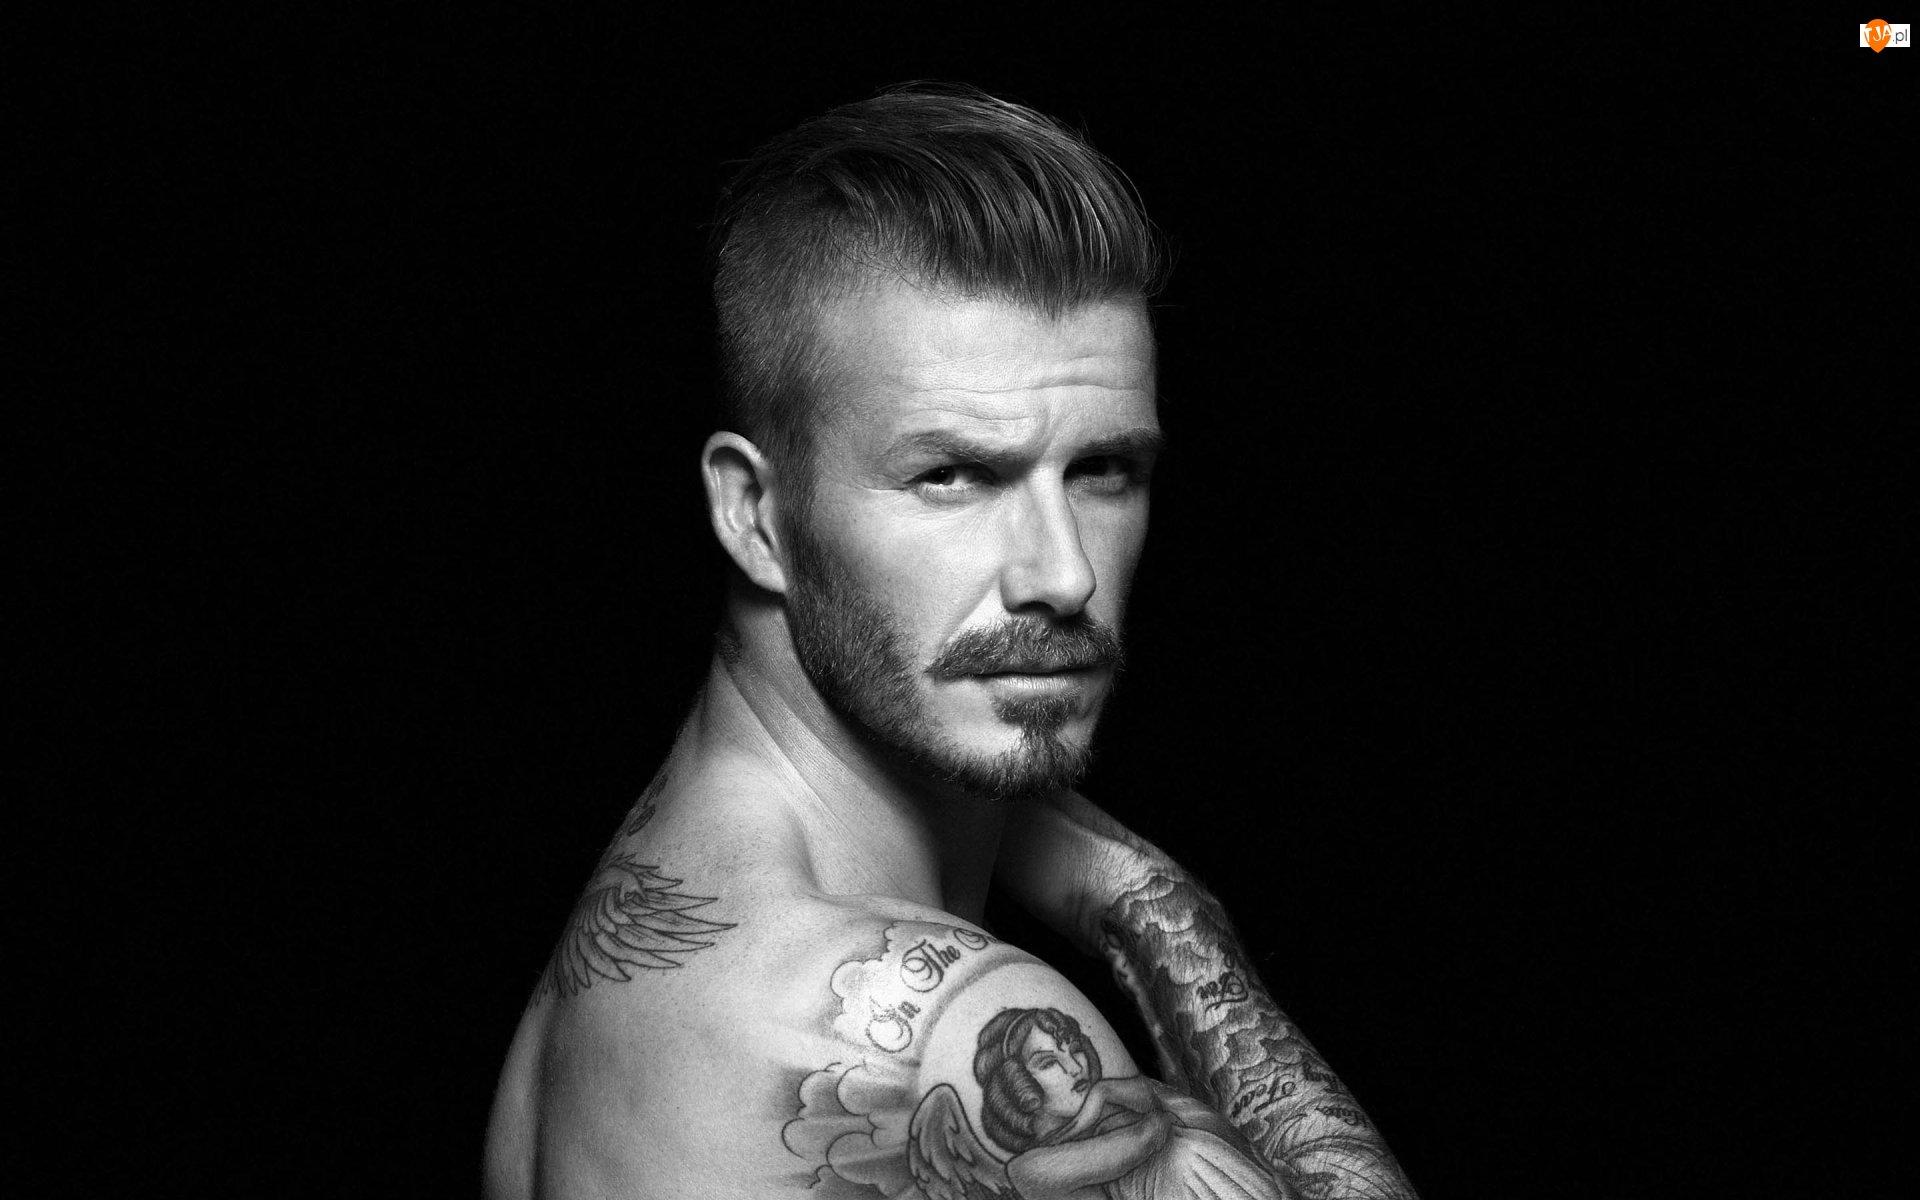 Tatuaż, David Beckham, Piłkarz